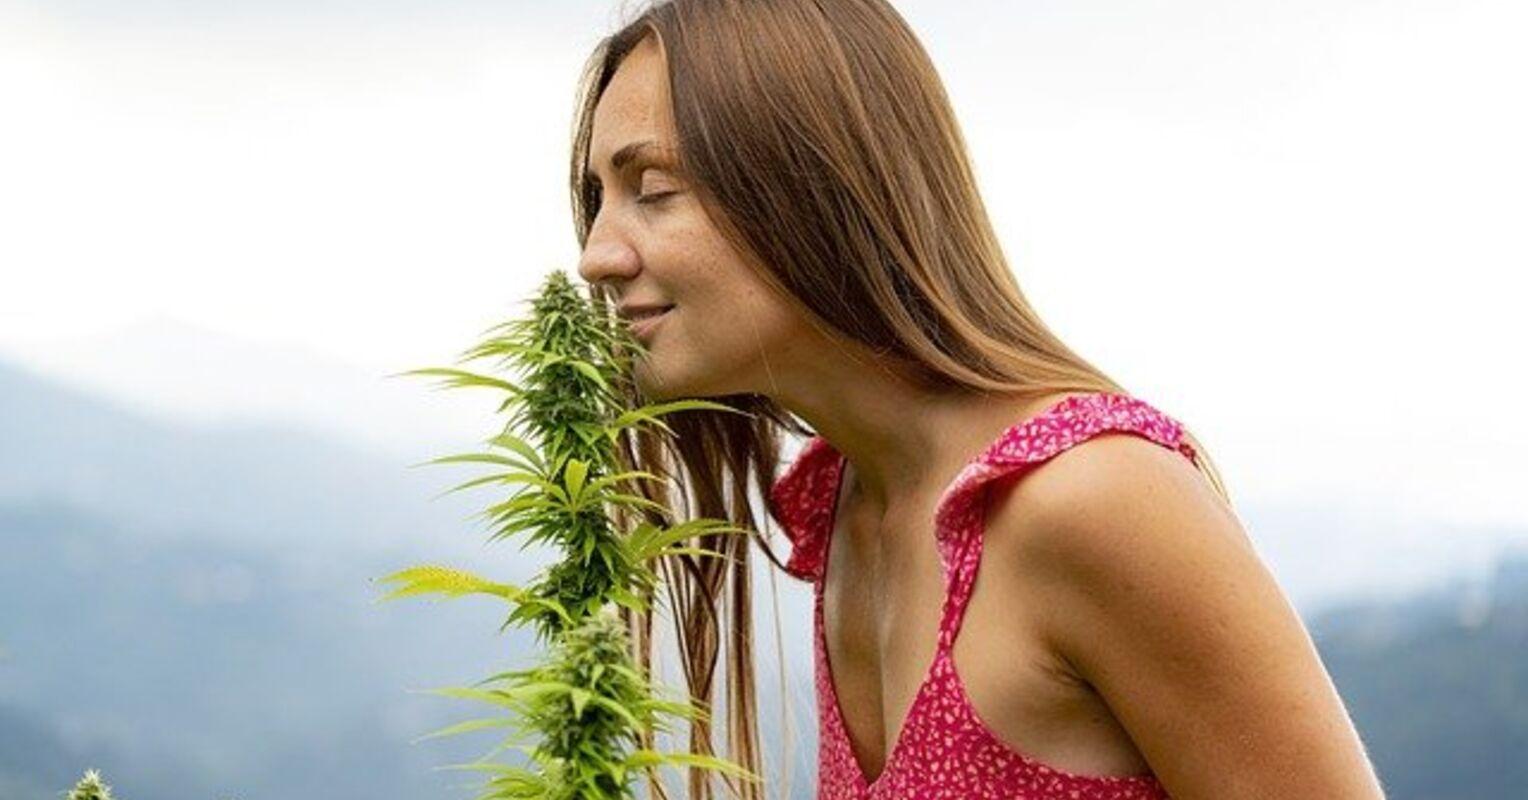 Can Marijuana Cause Psychosis?